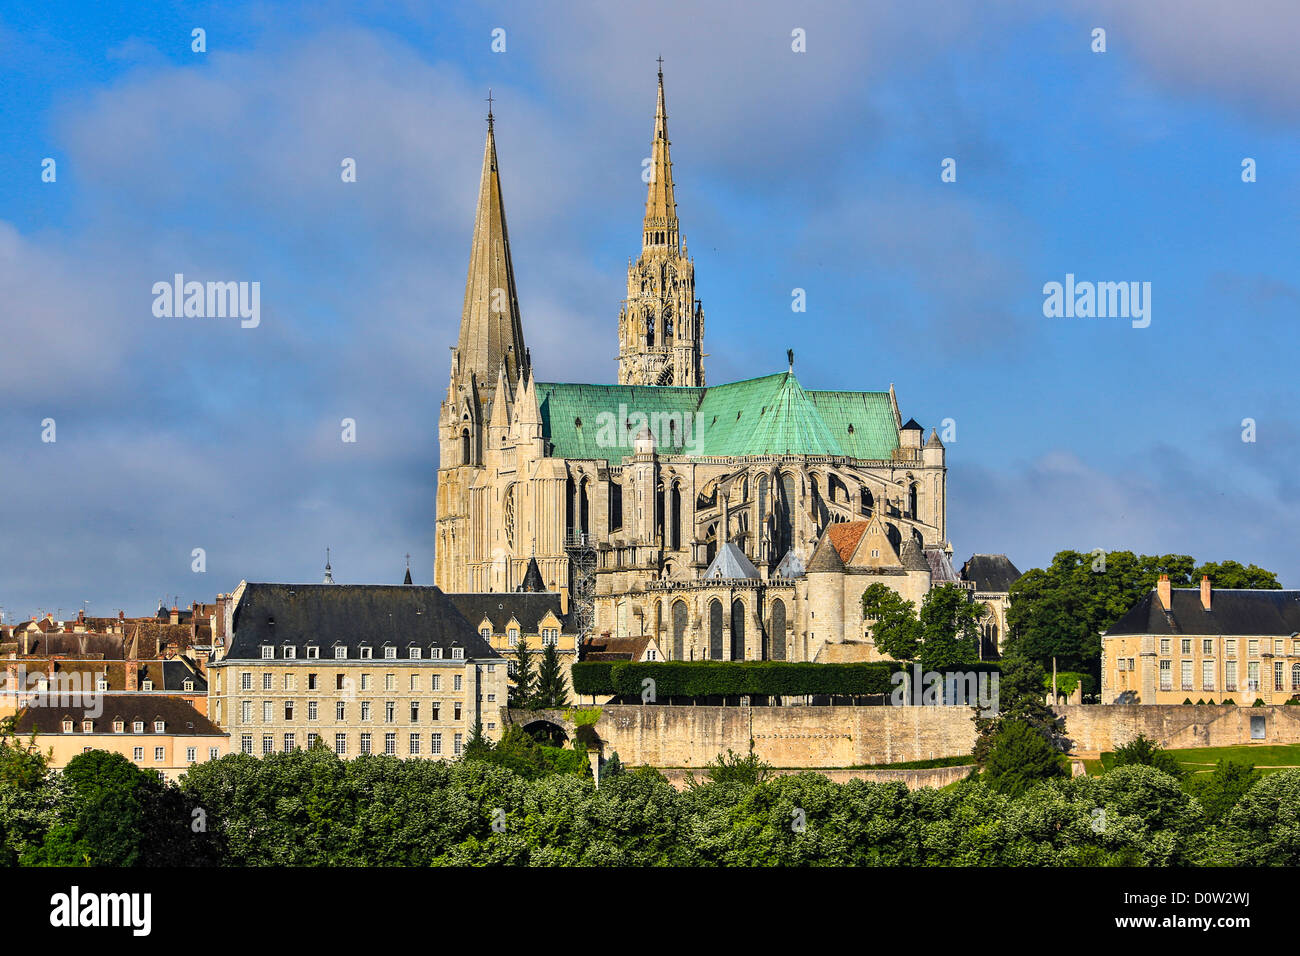 Frankreich, Europa, Reisen, Chartres, Kathedrale, Welterbe, Architektur, Geschichte, Mittelalter, Tourismus, Unesco Stockbild